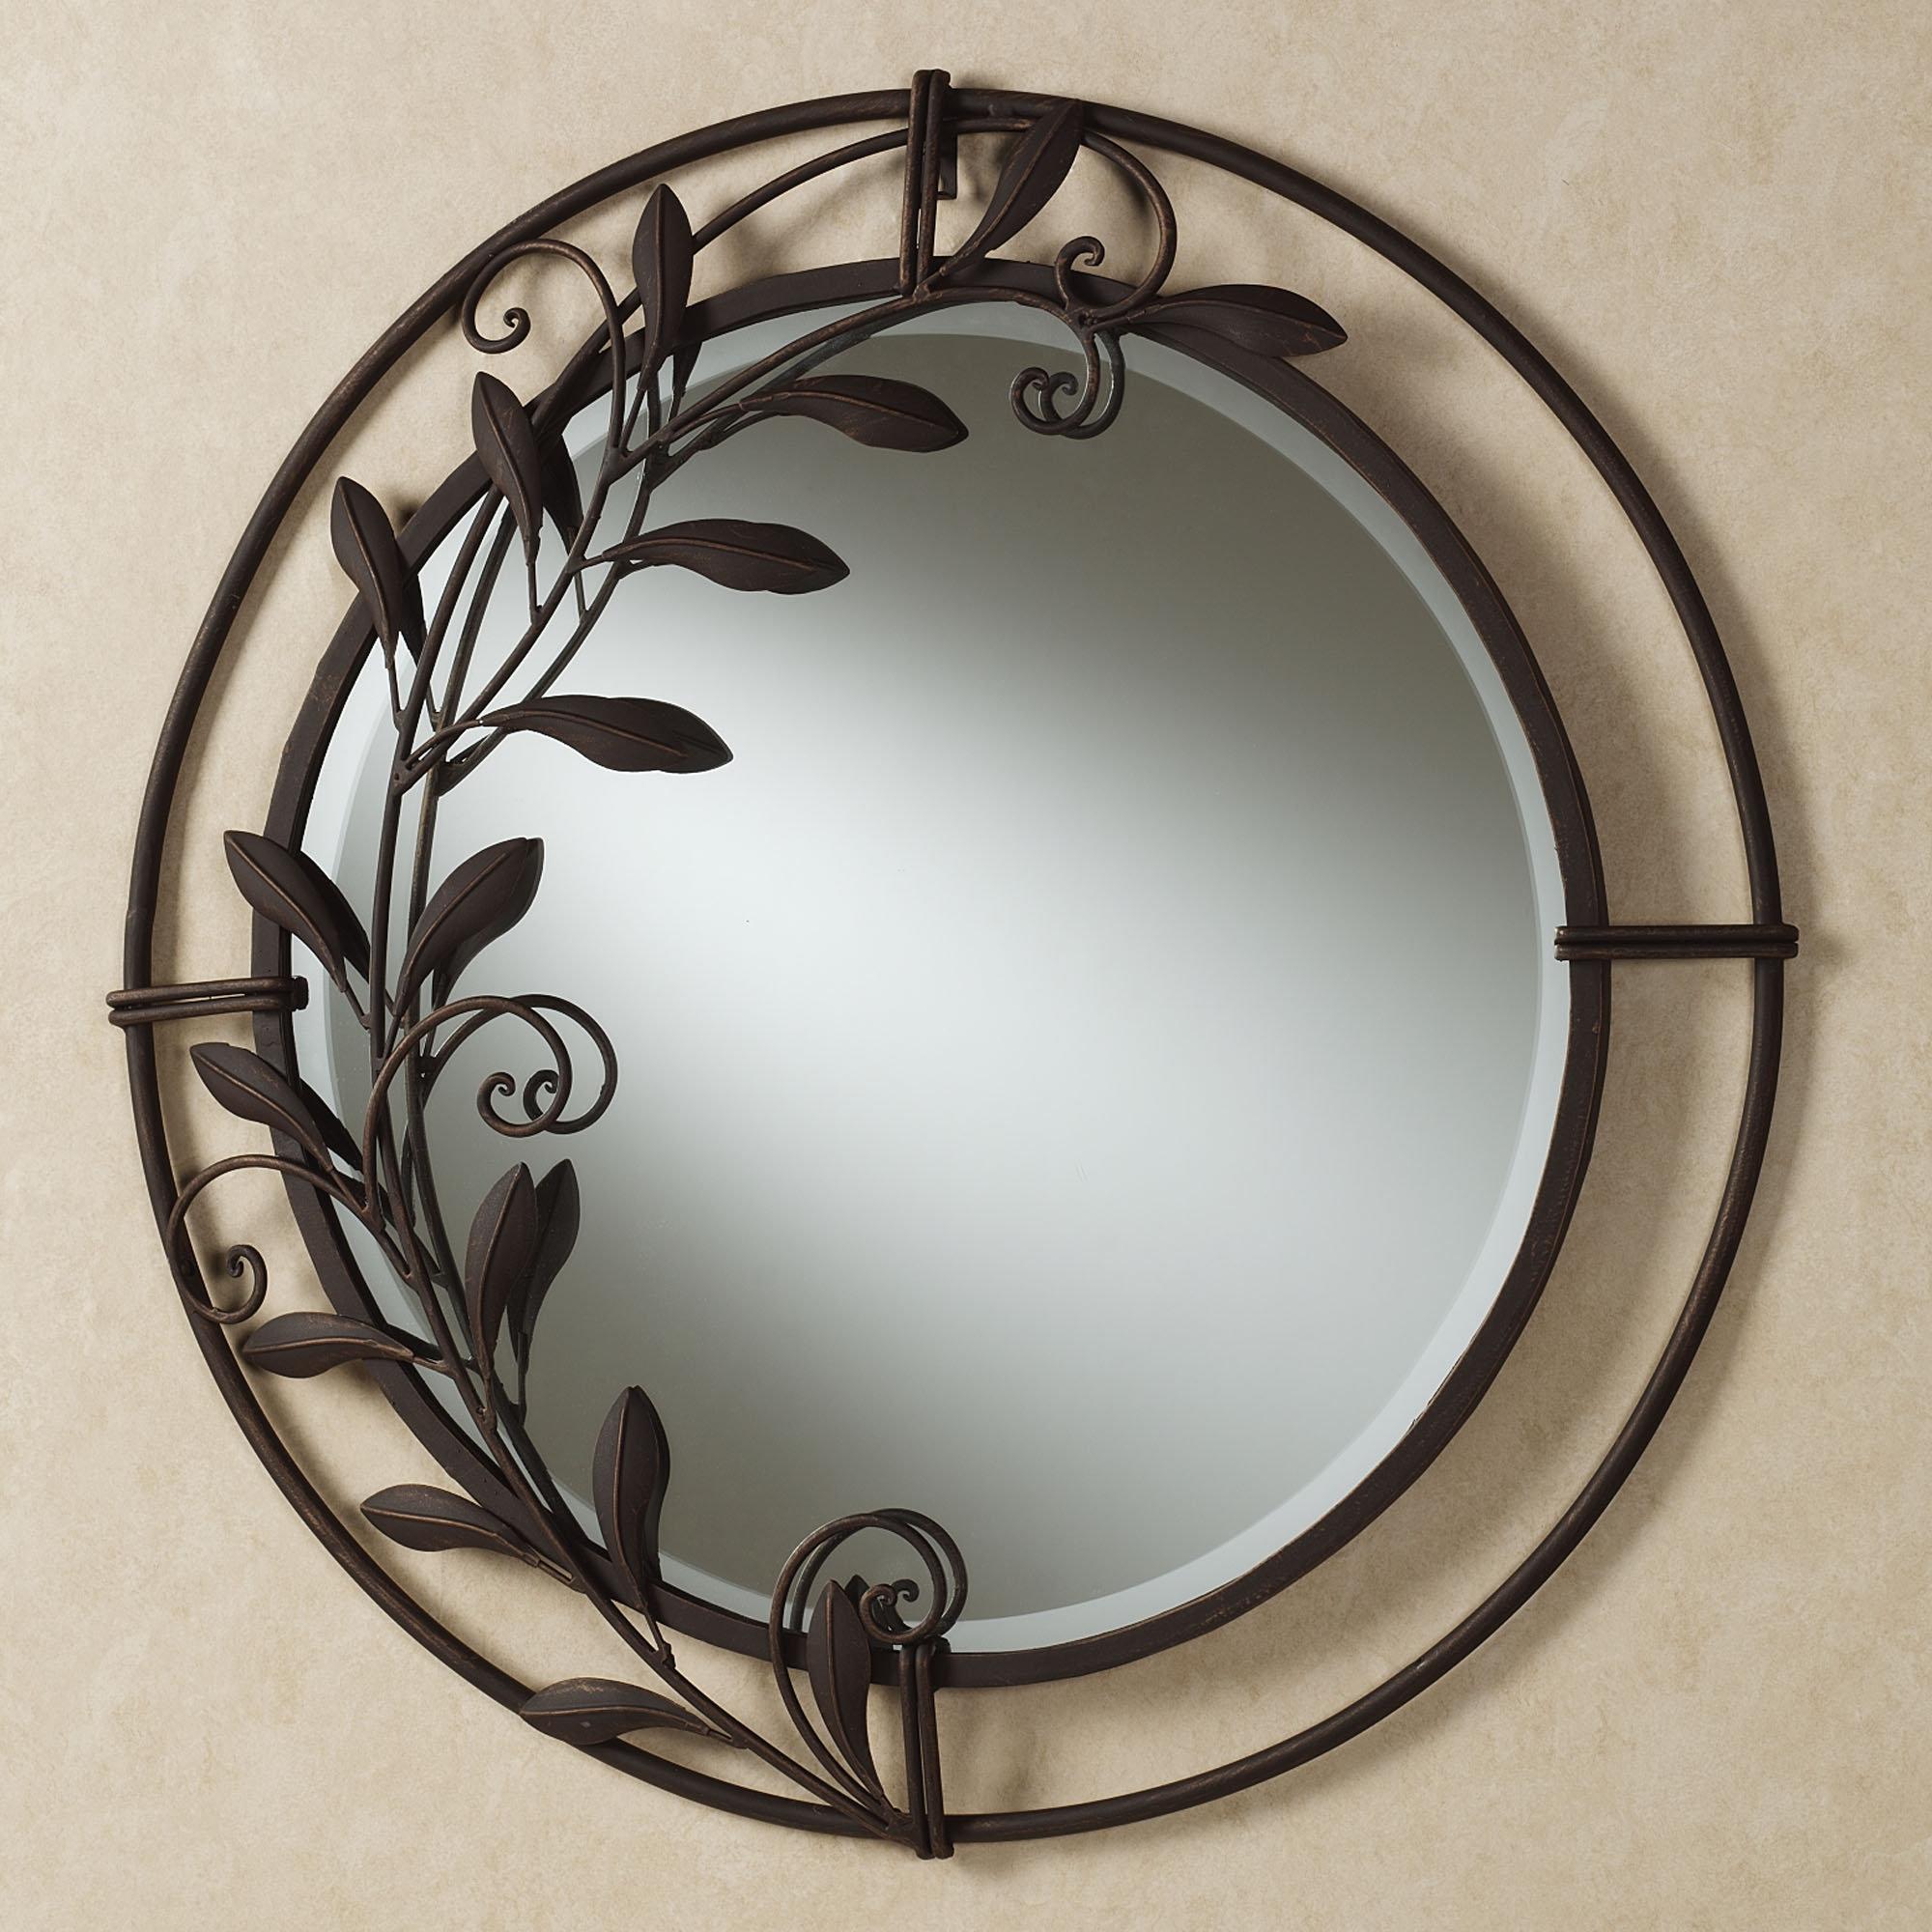 Round Iron Wall Mirror